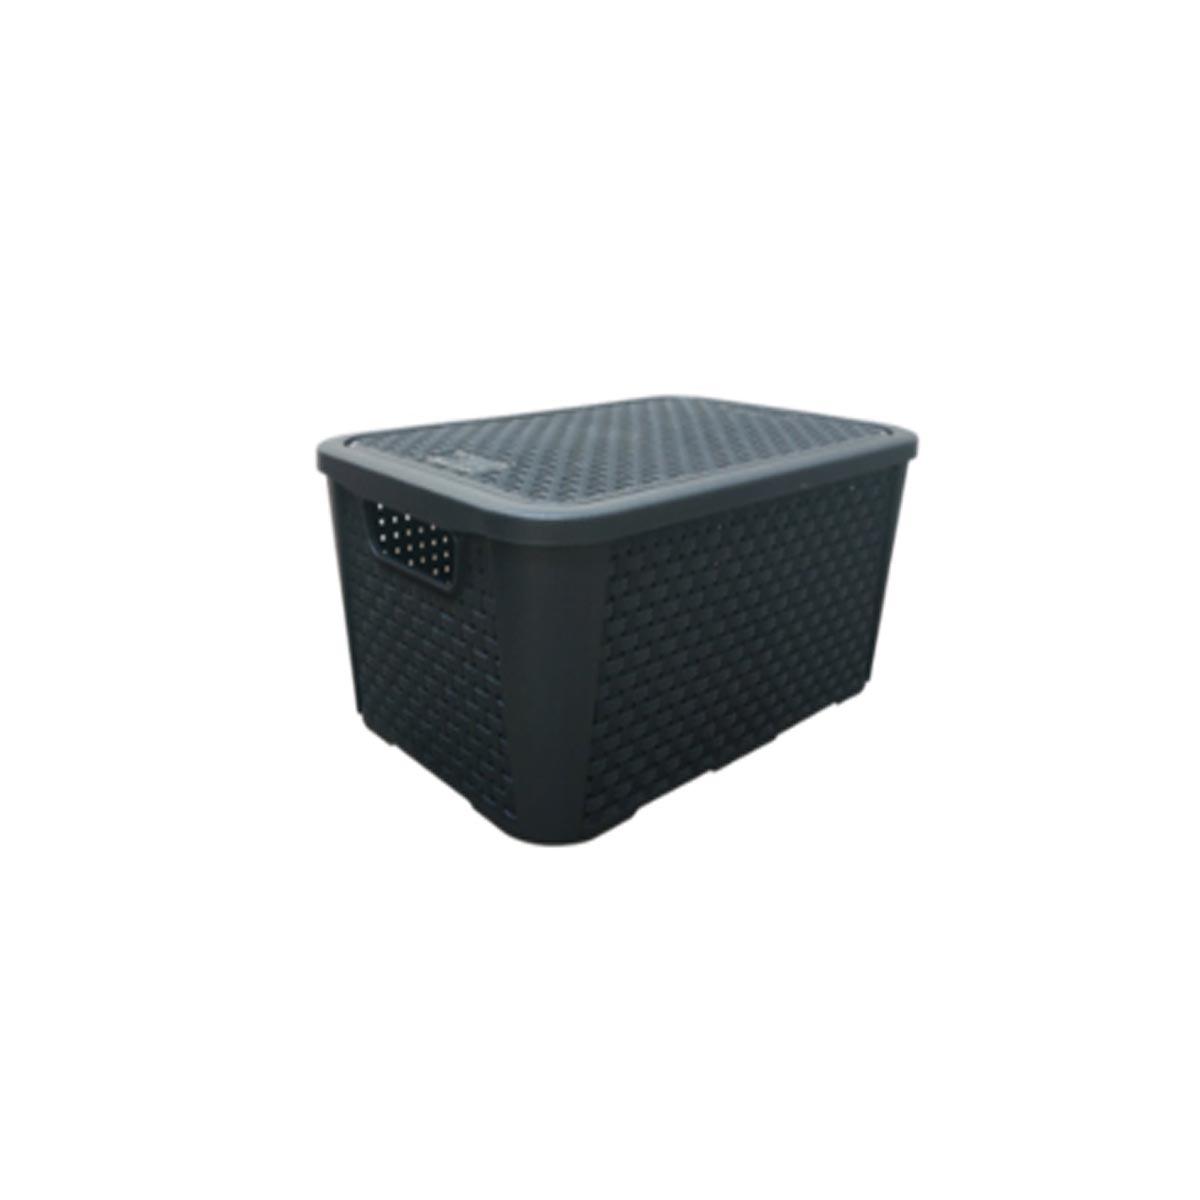 Caixa Organizadora Plástica Plasnew Rattan Nº 2 8,8L 32x23x15cm - 2051